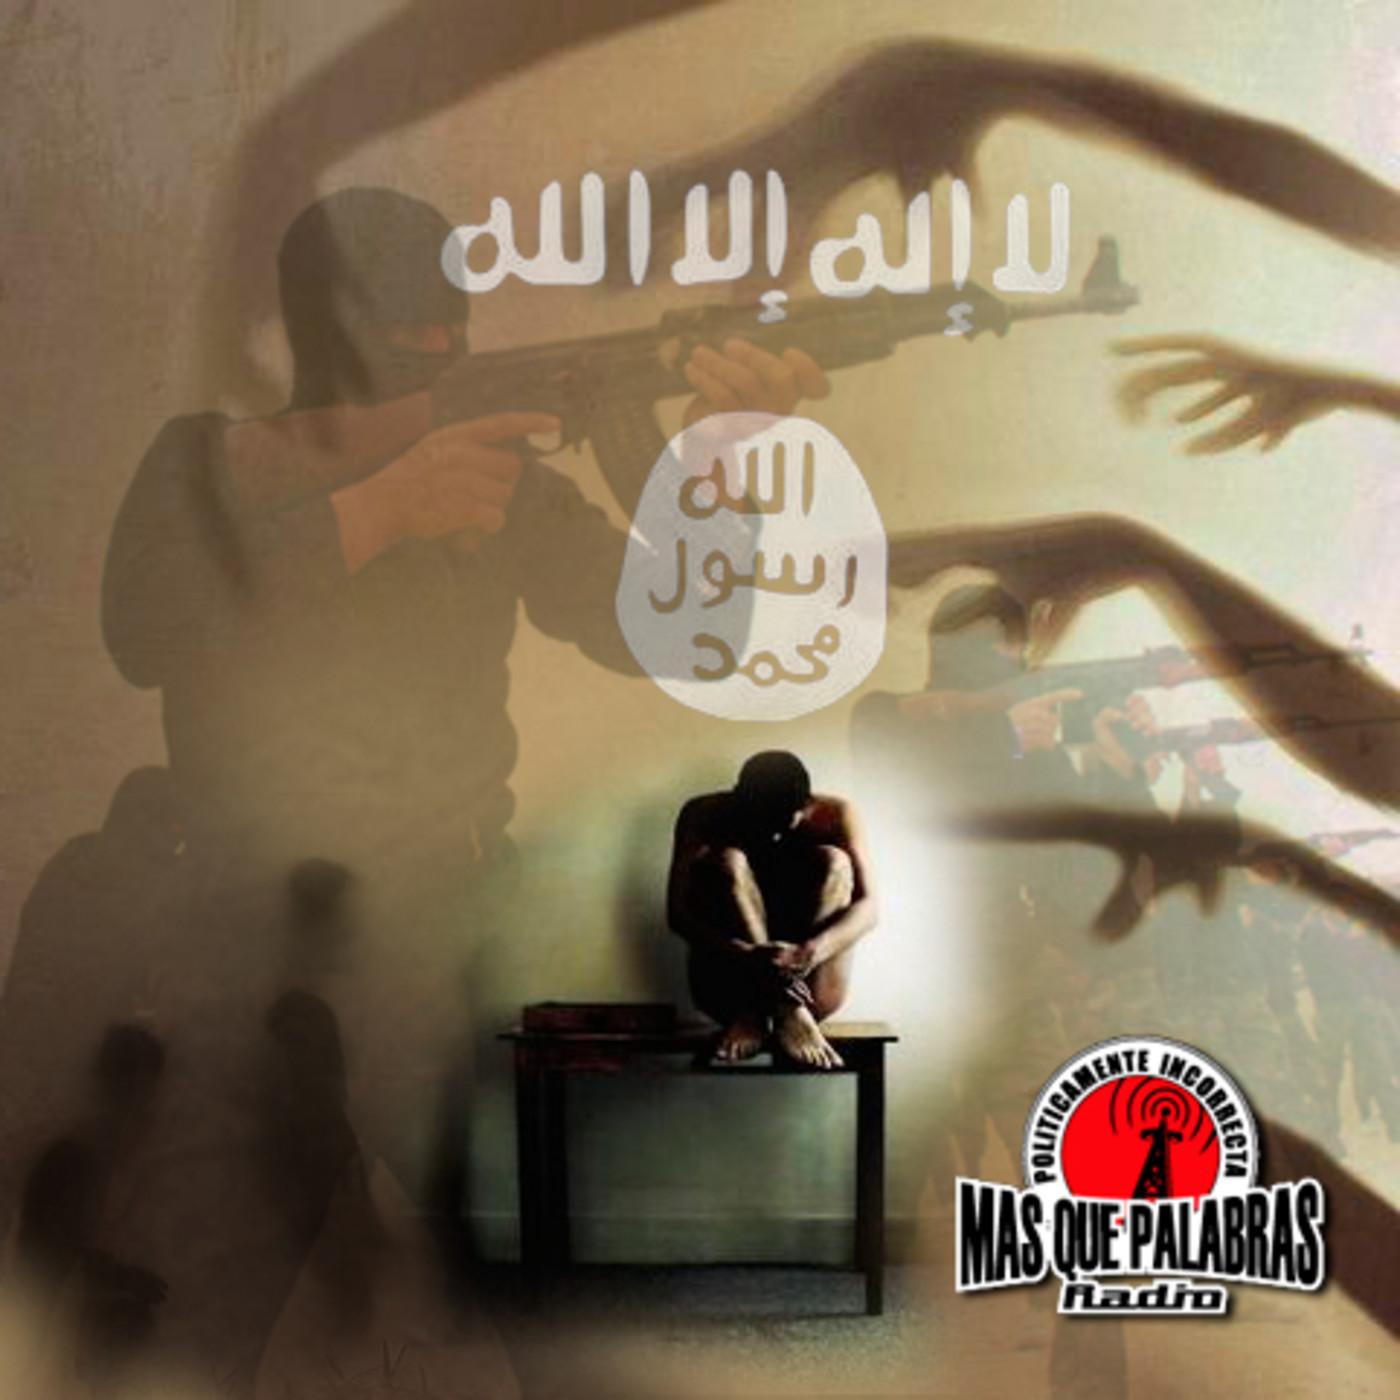 Psicosis terrorista | Erdogan el nuevo califa | Tramabus o el autobus del odio